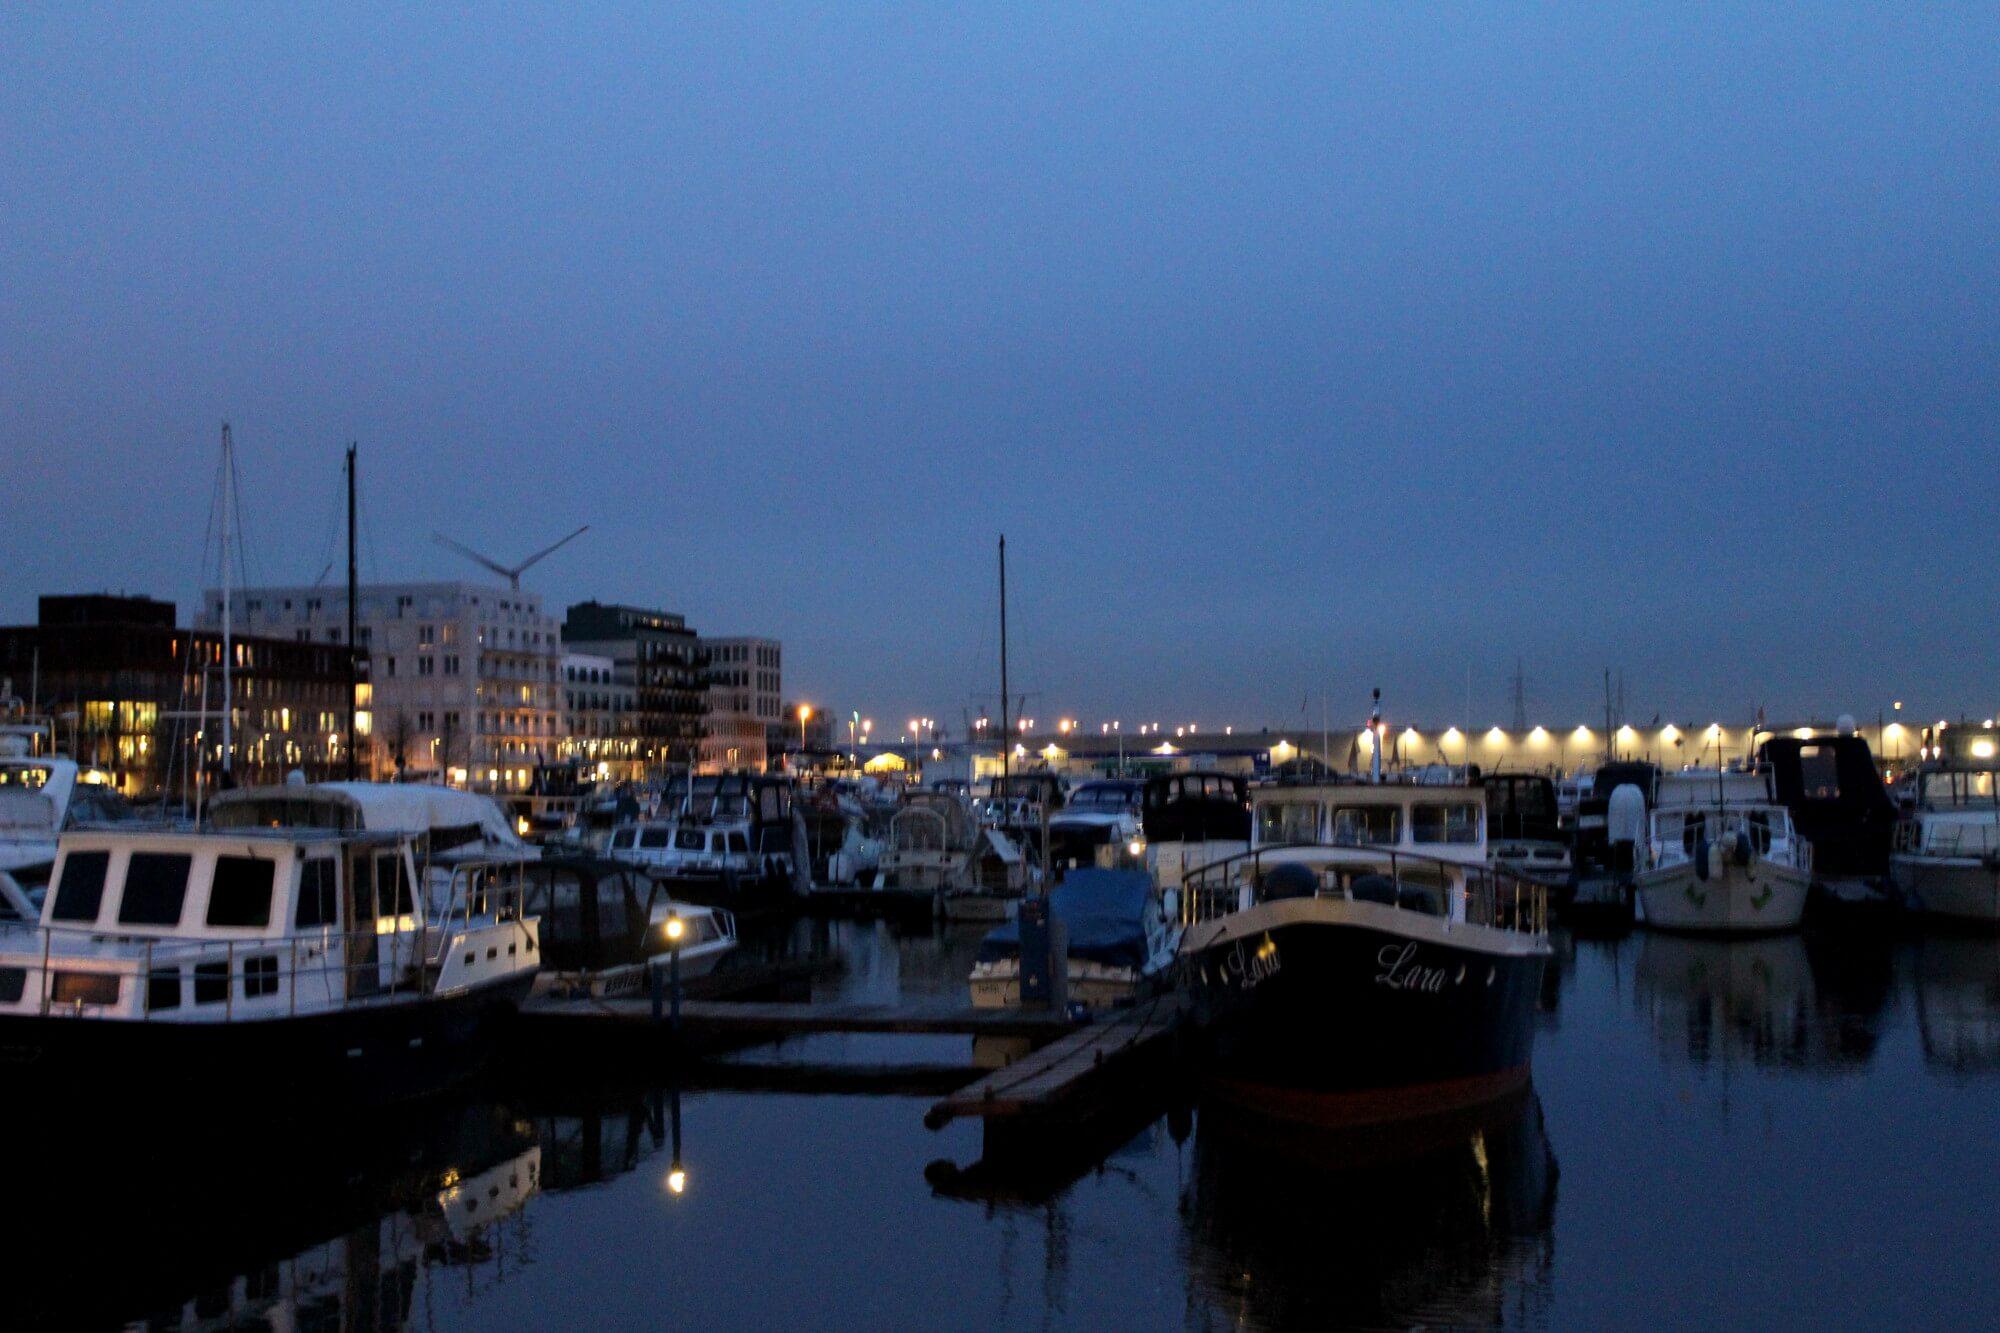 Hafen in Antwerpen bei Nacht